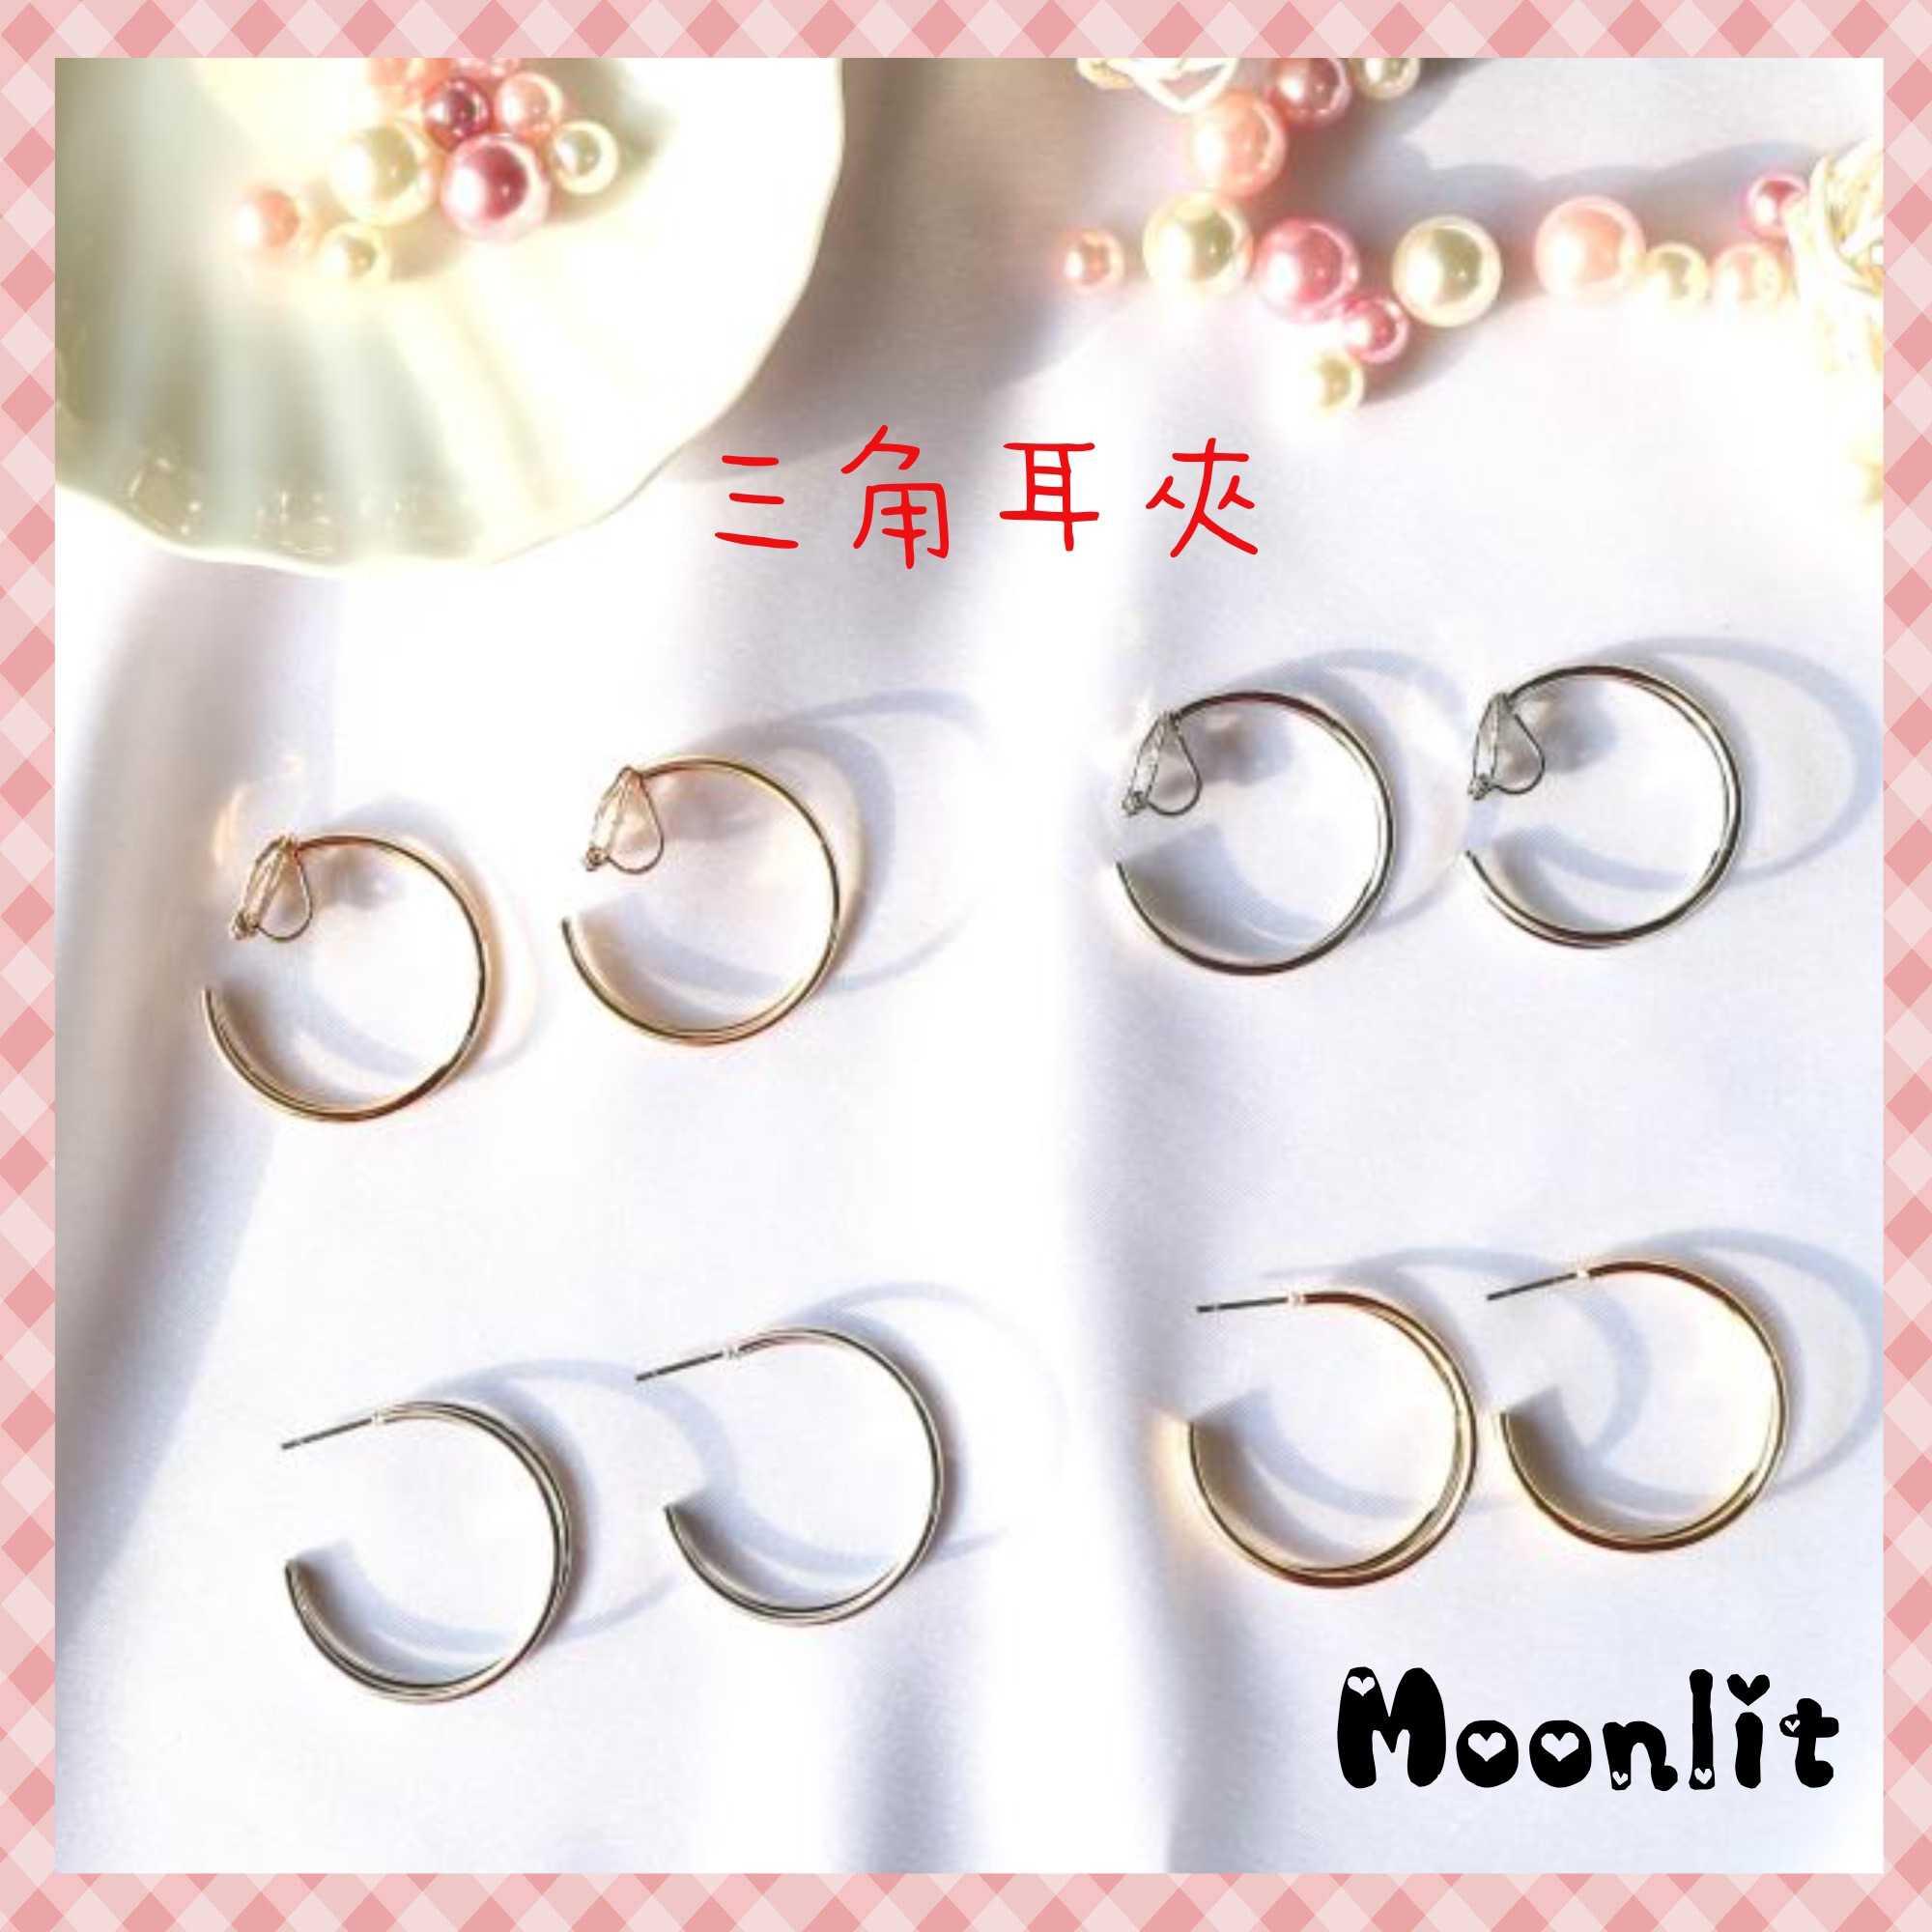 台灣【月飾戒★Moonlit】現貨♥雙C圈 三角耳夾 無耳洞耳環